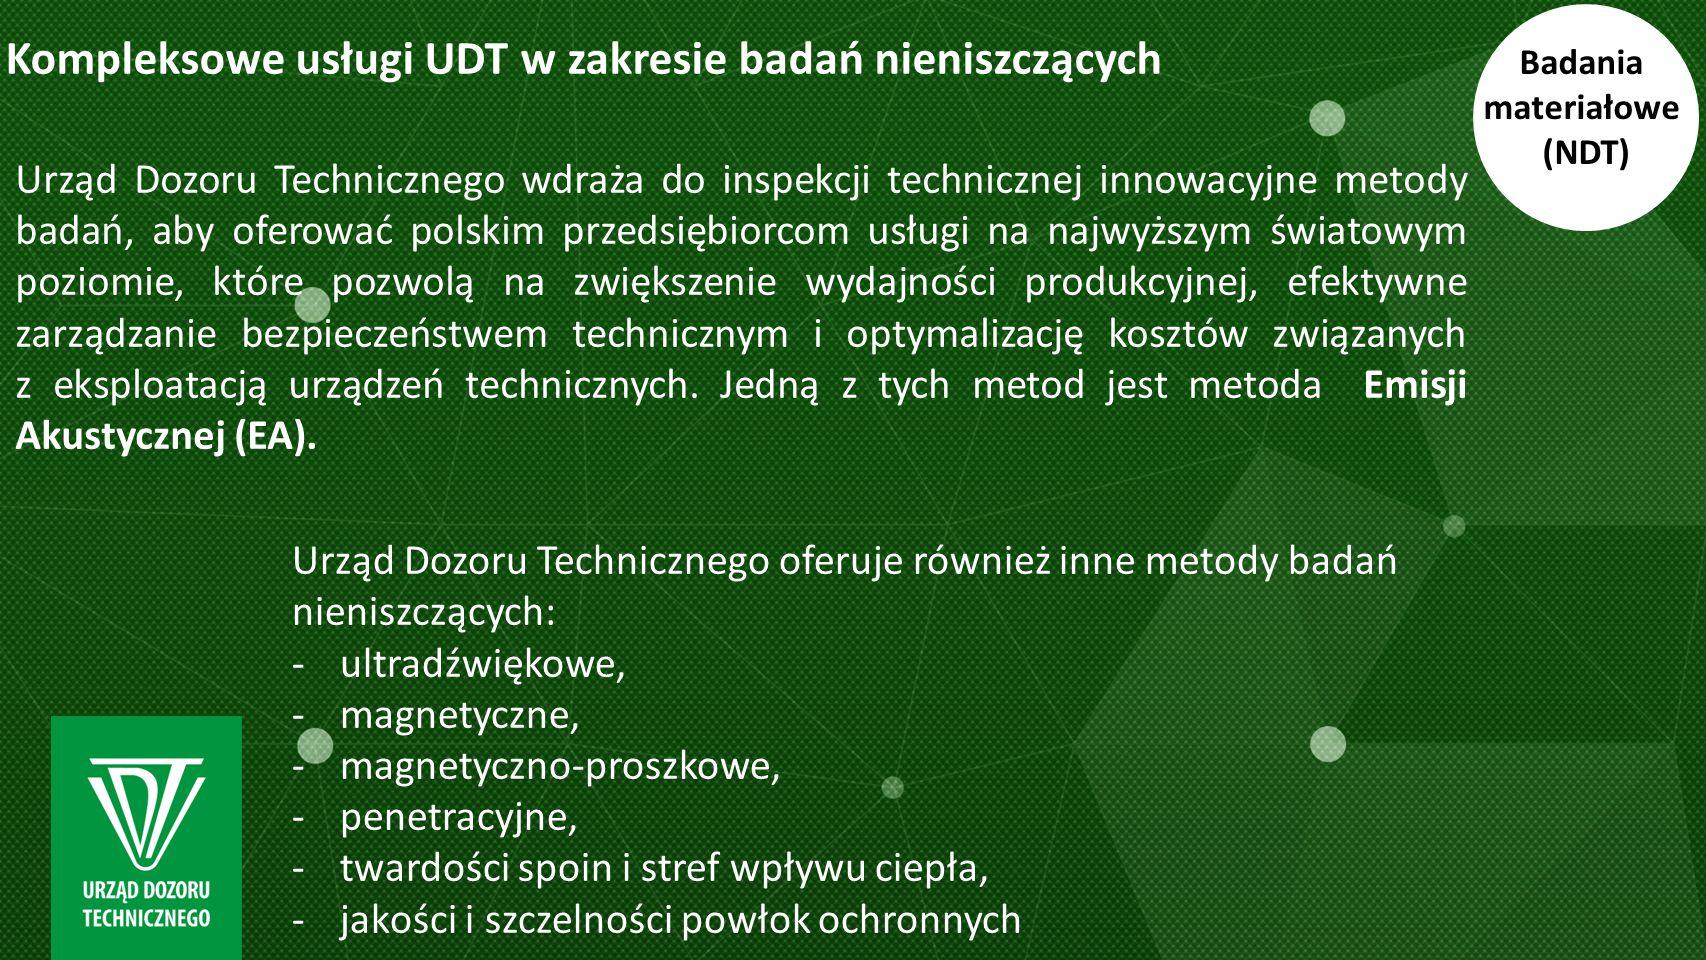 Kompleksowe usługi UDT w zakresie badań nieniszczących